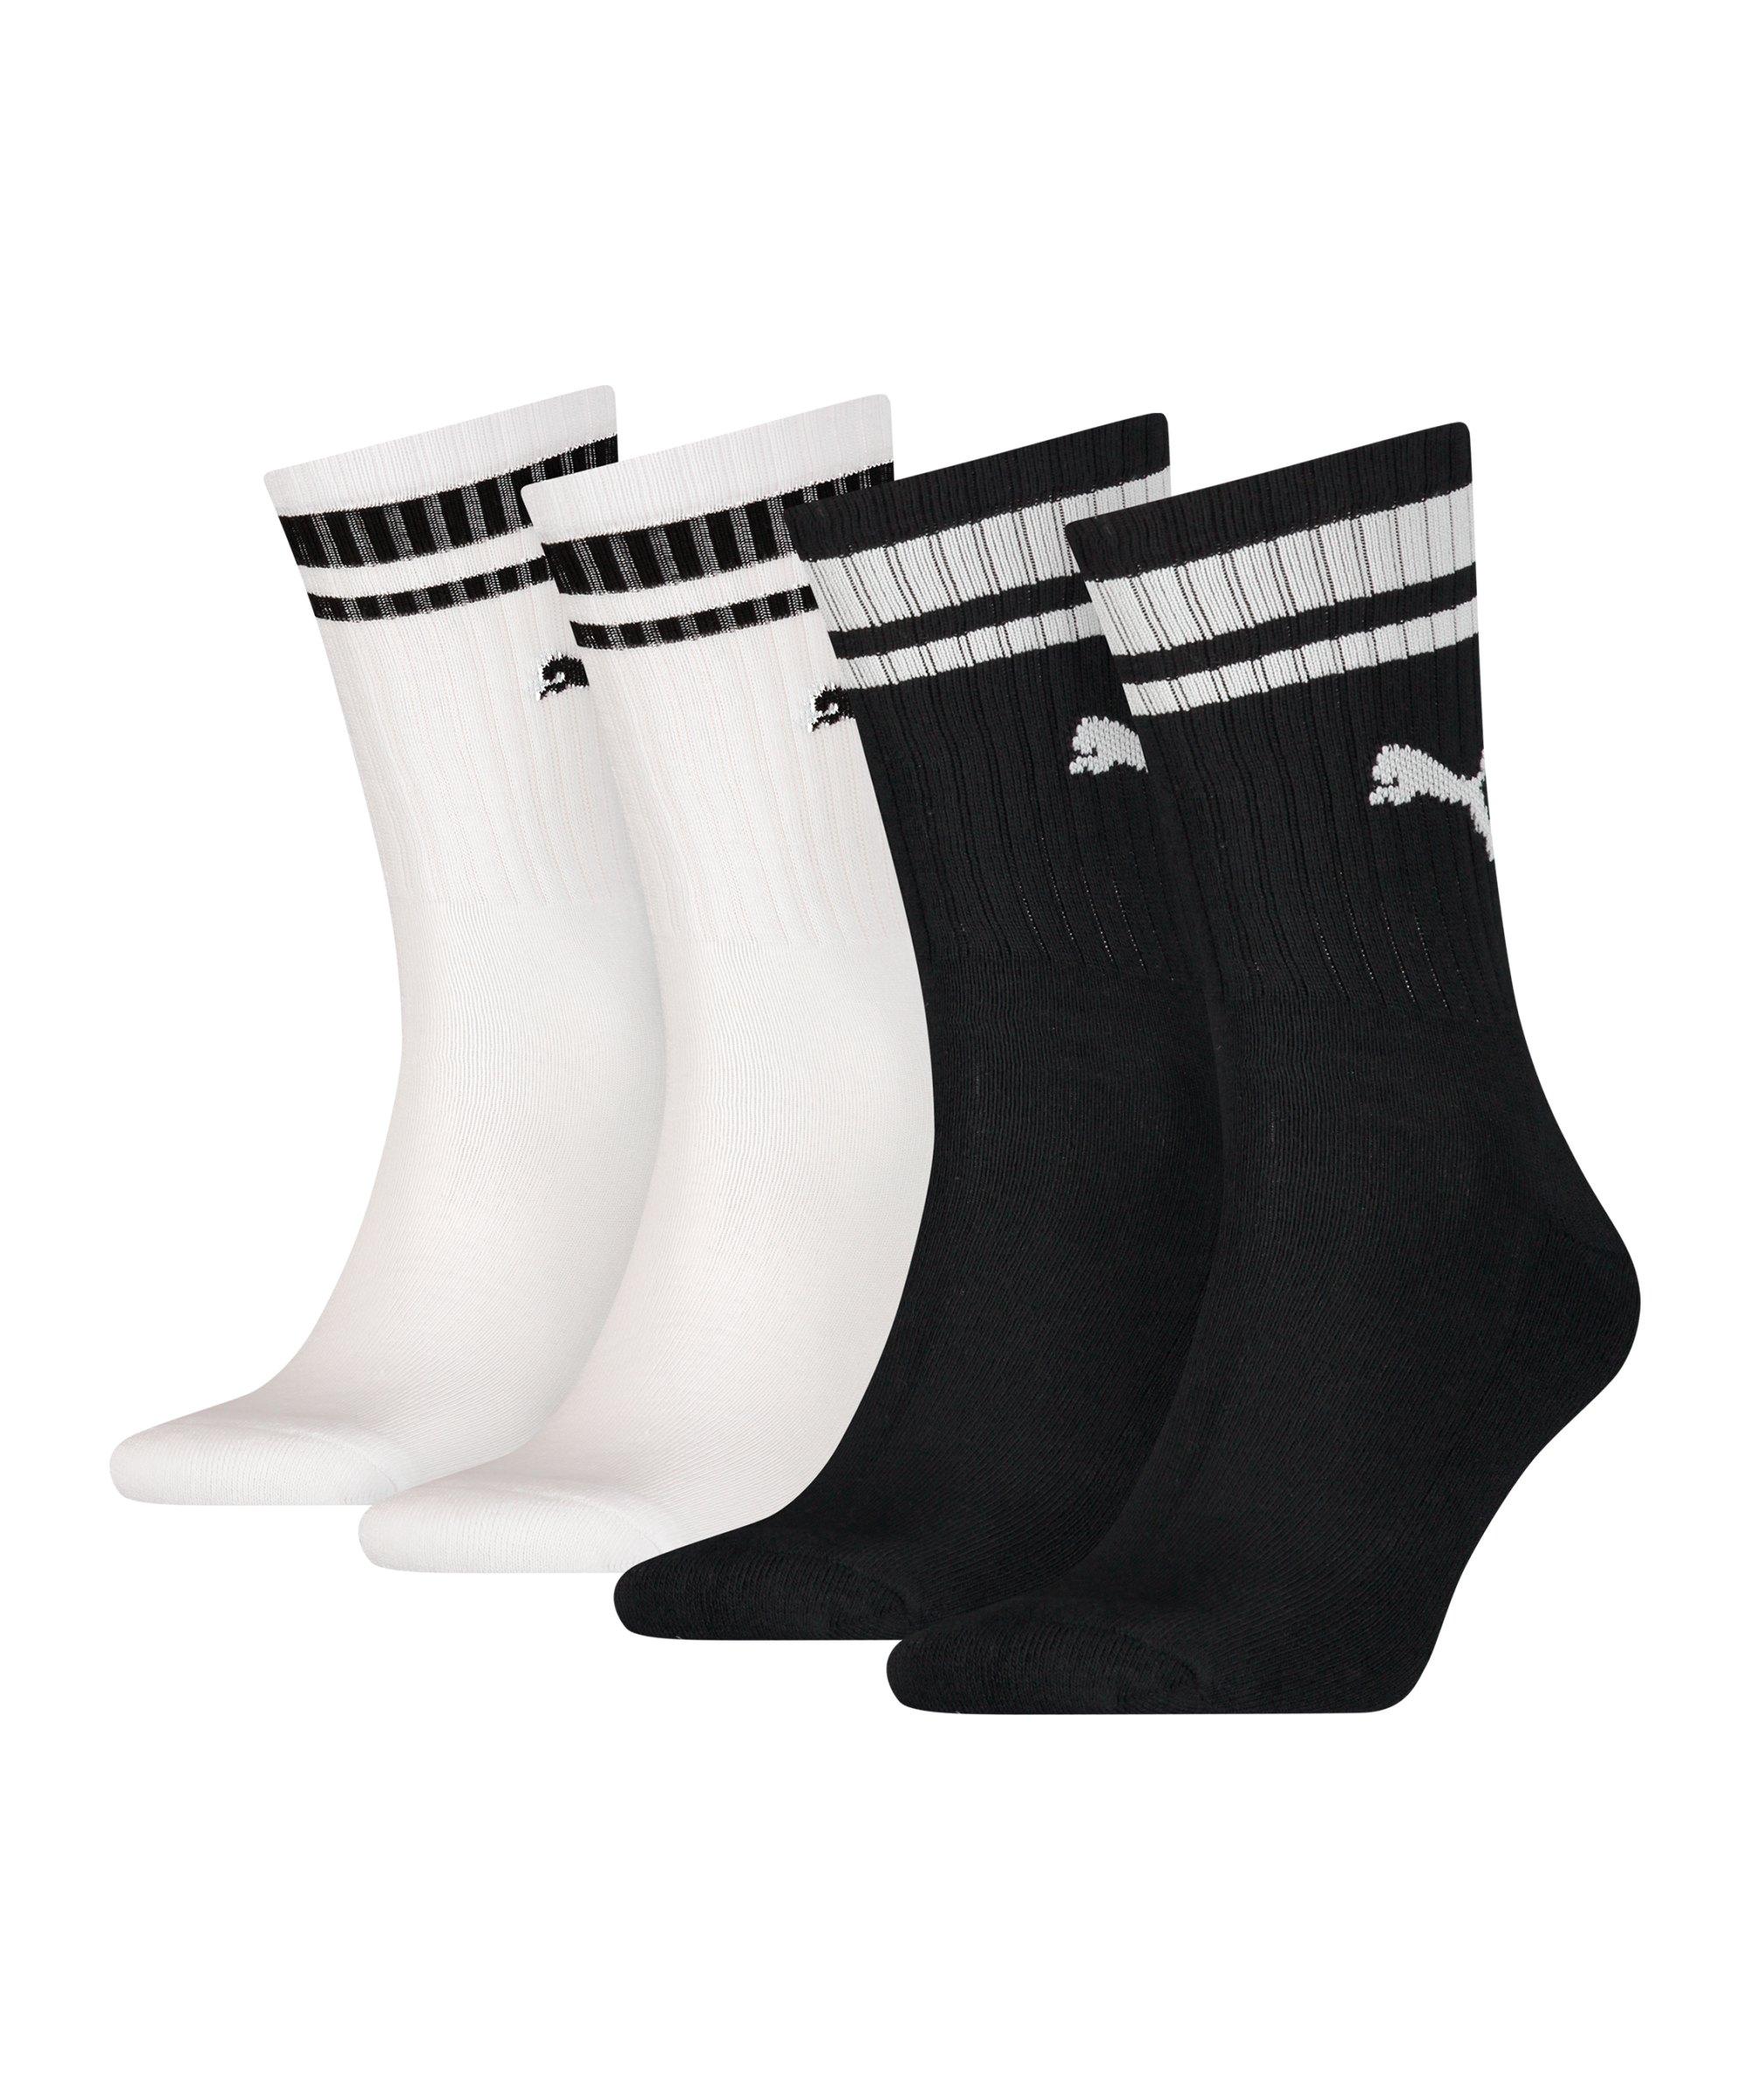 PUMA Crew Heritage Stripe 4er Pack Socken F003 - schwarz